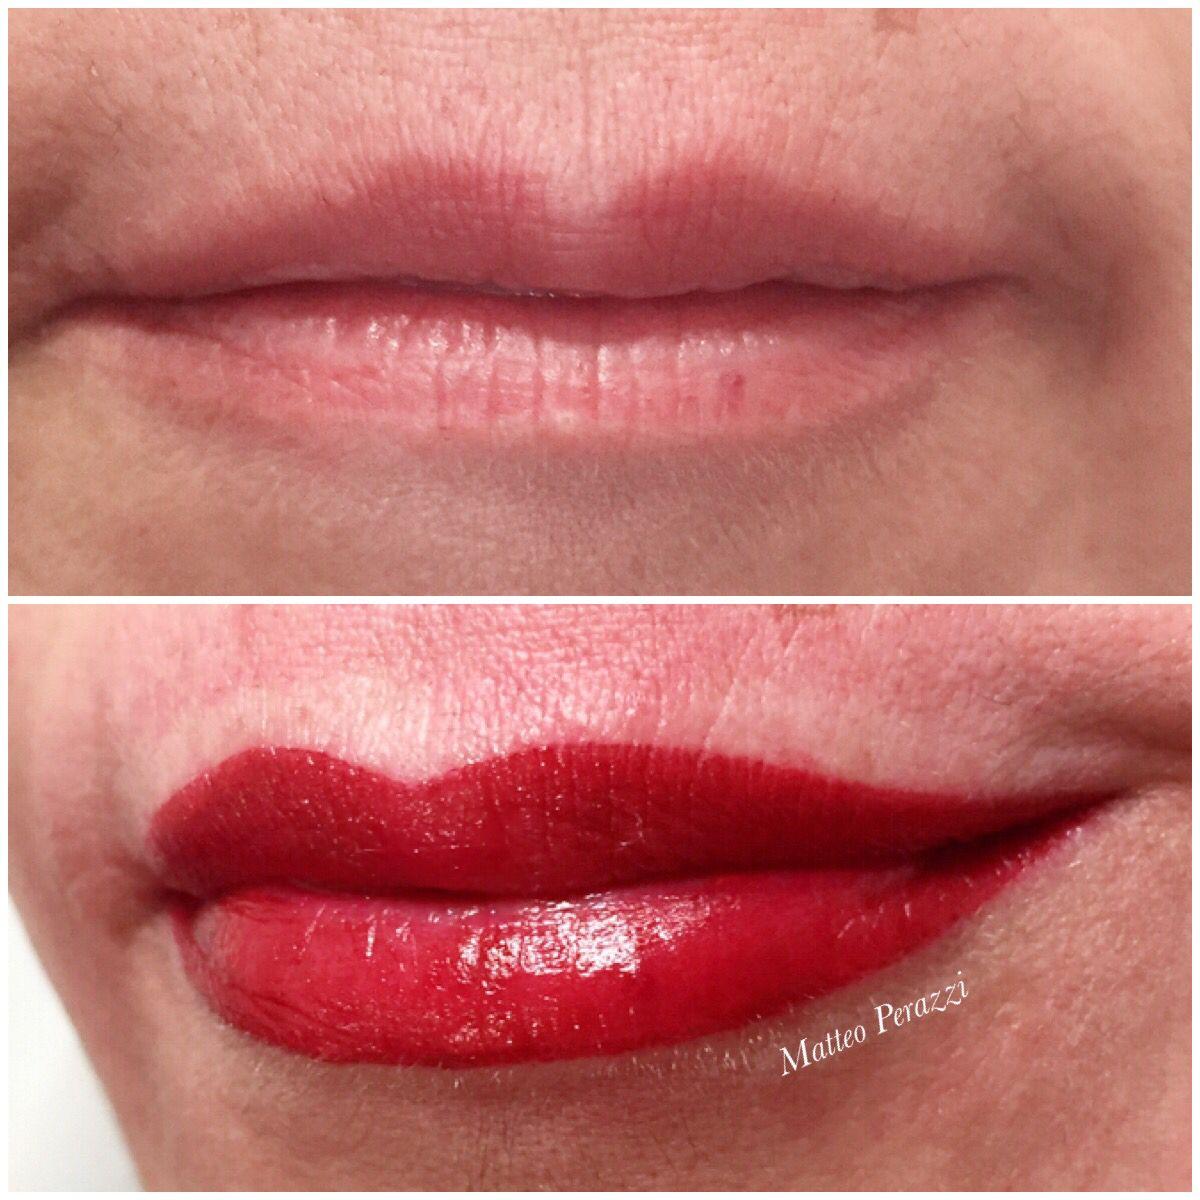 PMU Lips Lips, Makeup, Lip makeup